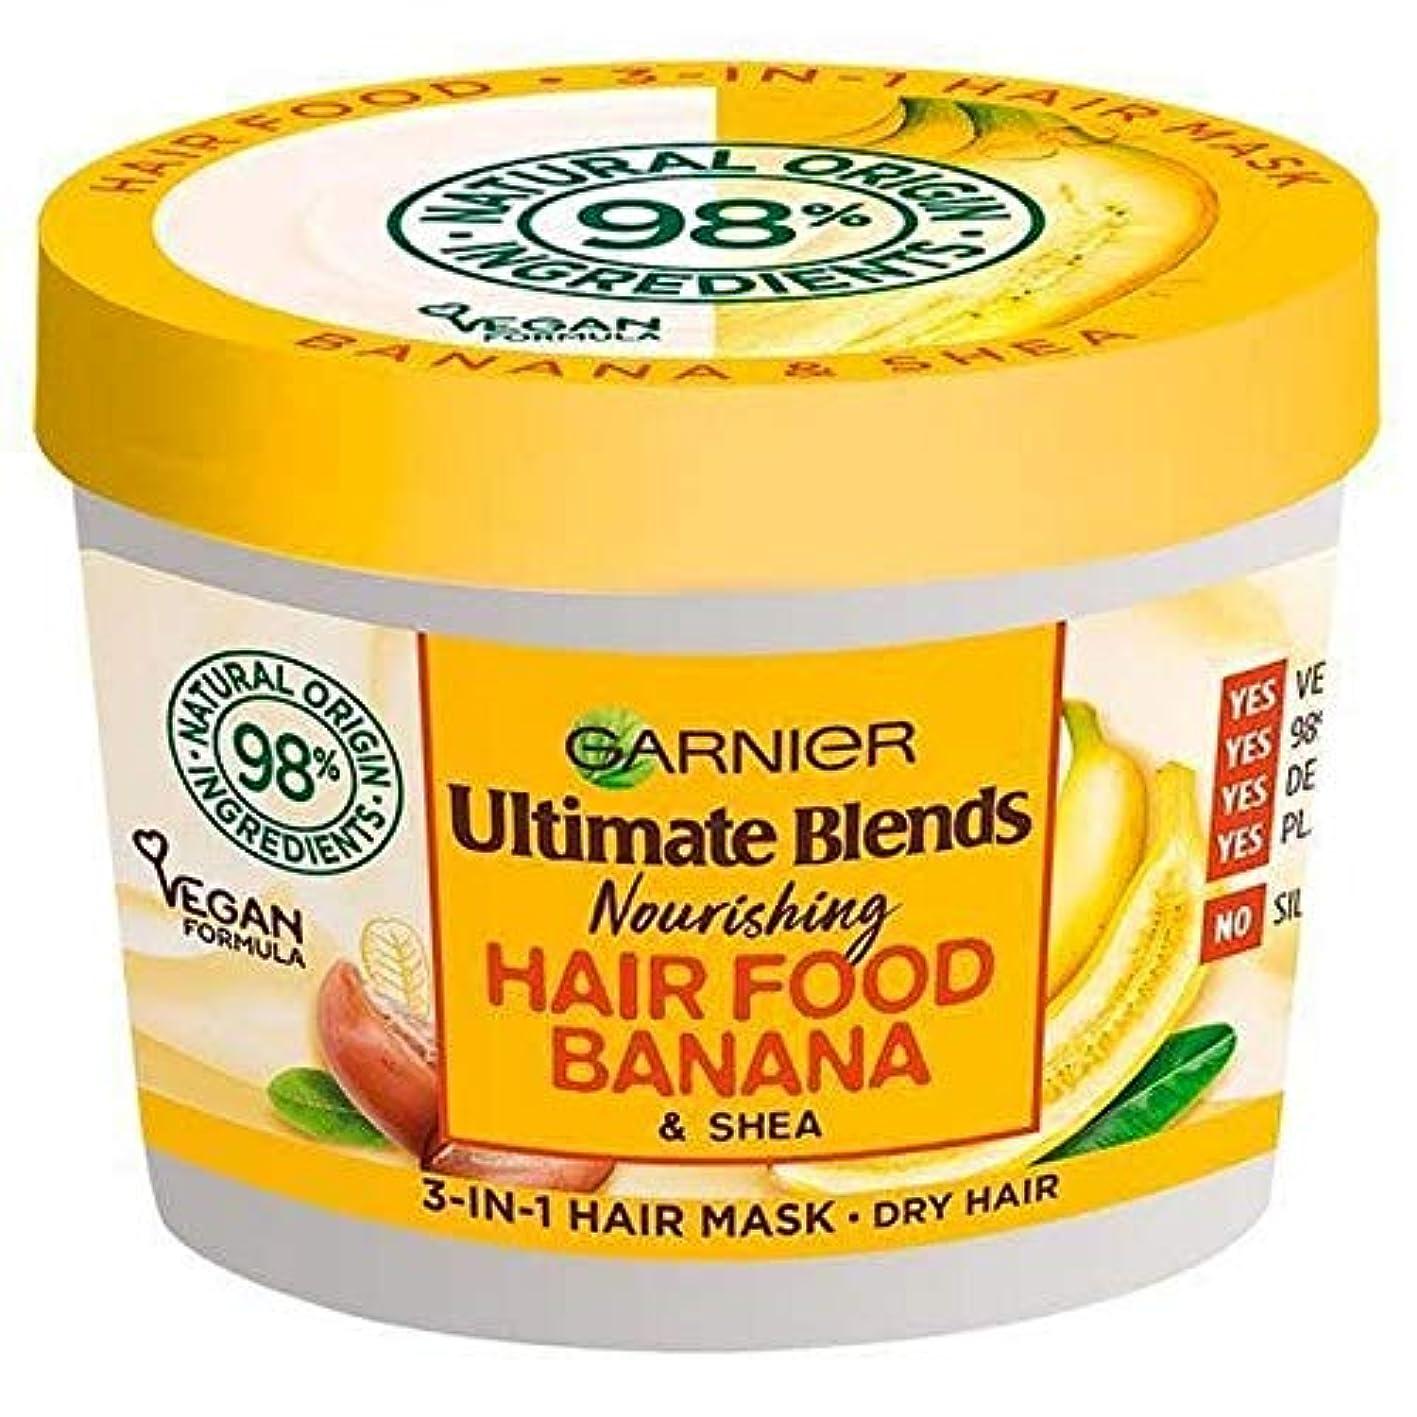 すき機関車批判的[Garnier ] ガルニエ究極は1つのマスク390ミリリットルでヘア食品バナナ3をブレンド - Garnier Ultimate Blends Hair Food Banana 3 in 1 Mask 390ml [...